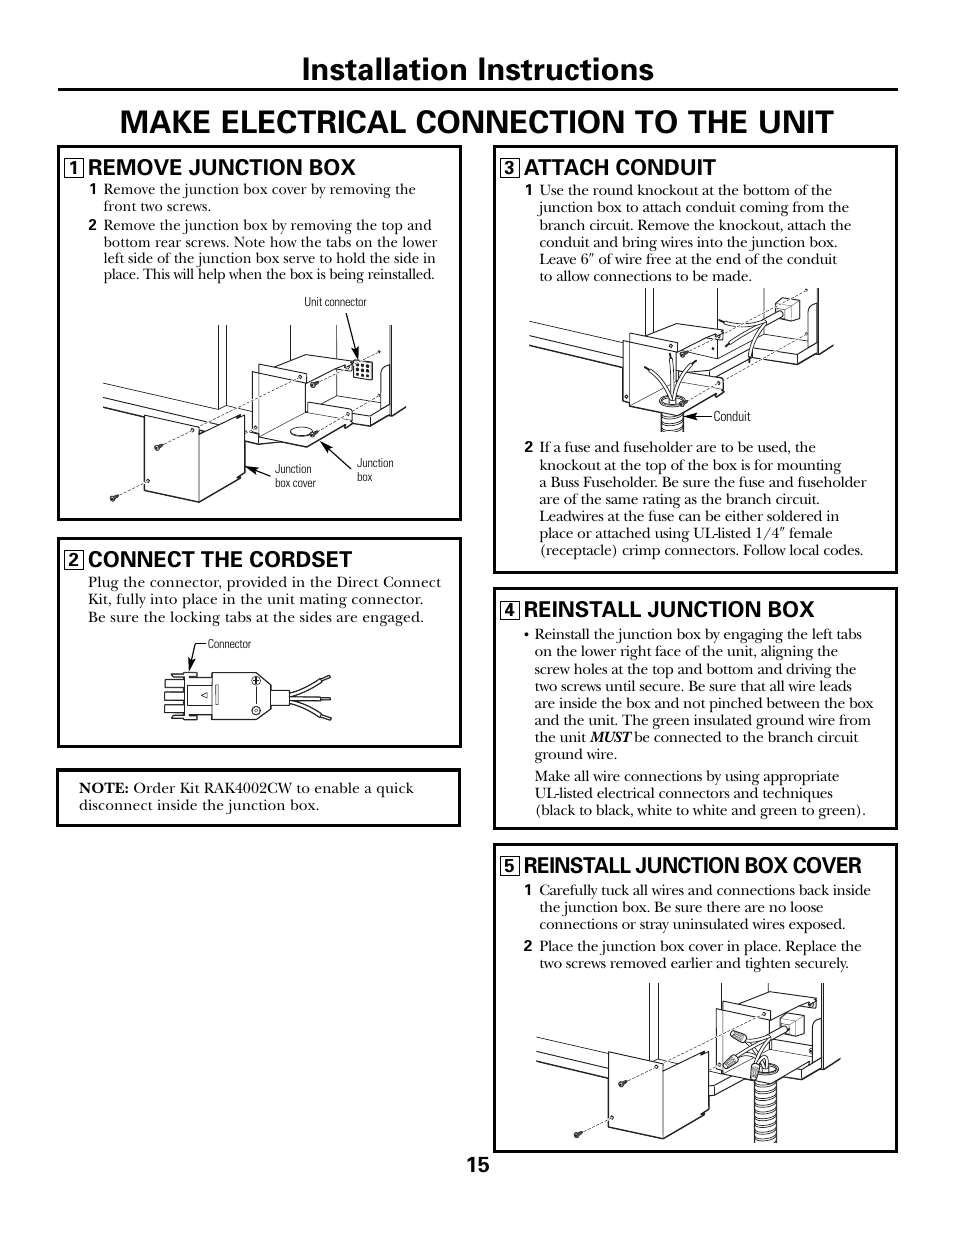 Reinstall junction box, Reinstall junction box cover, Attach conduit |  Remove junction box,